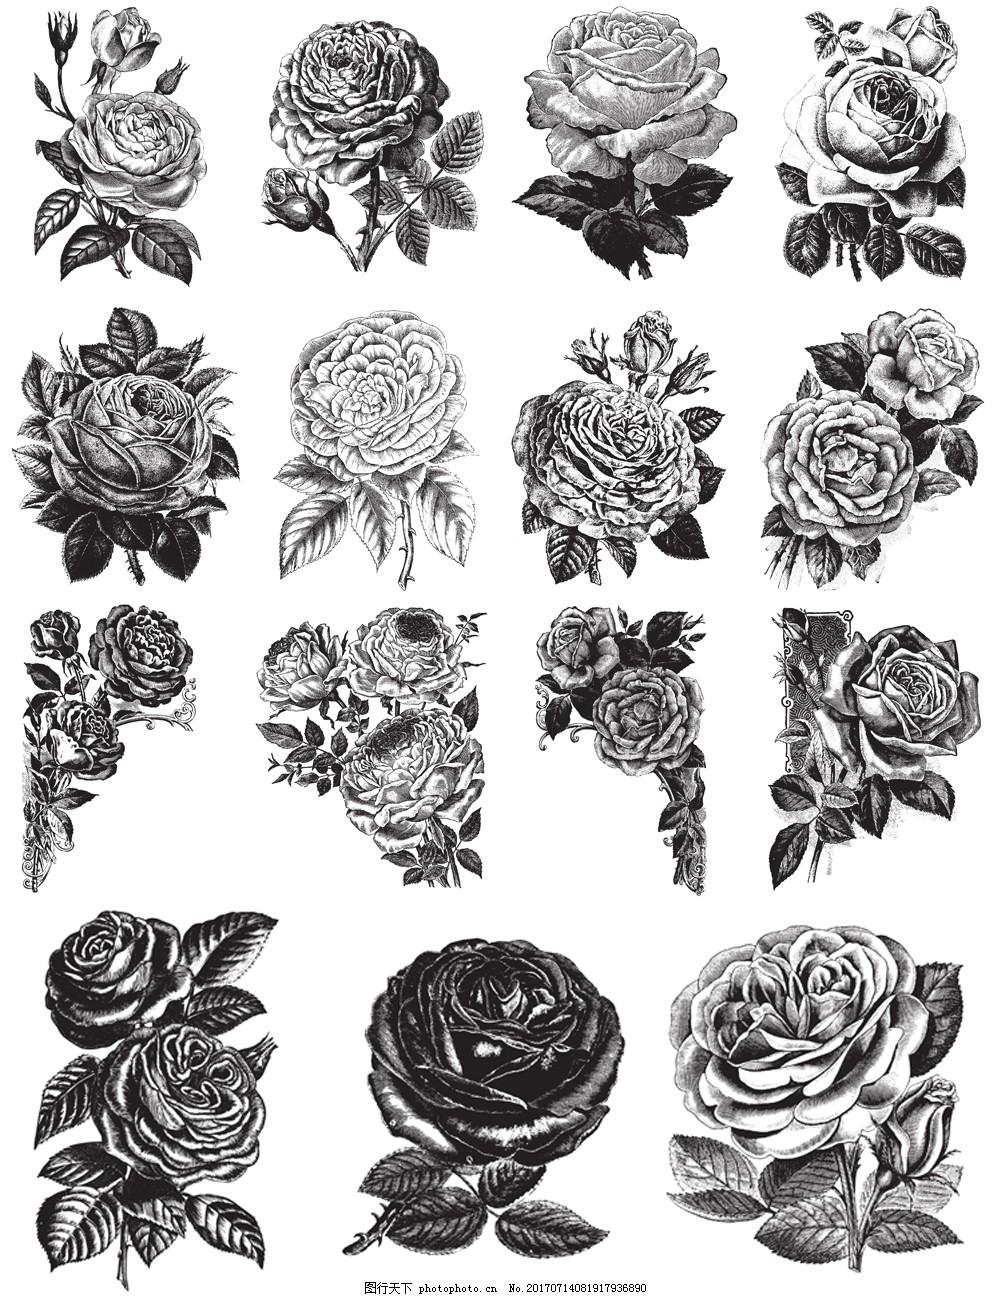 黑白手绘玫瑰花插画 植物 艺术 创意 花朵